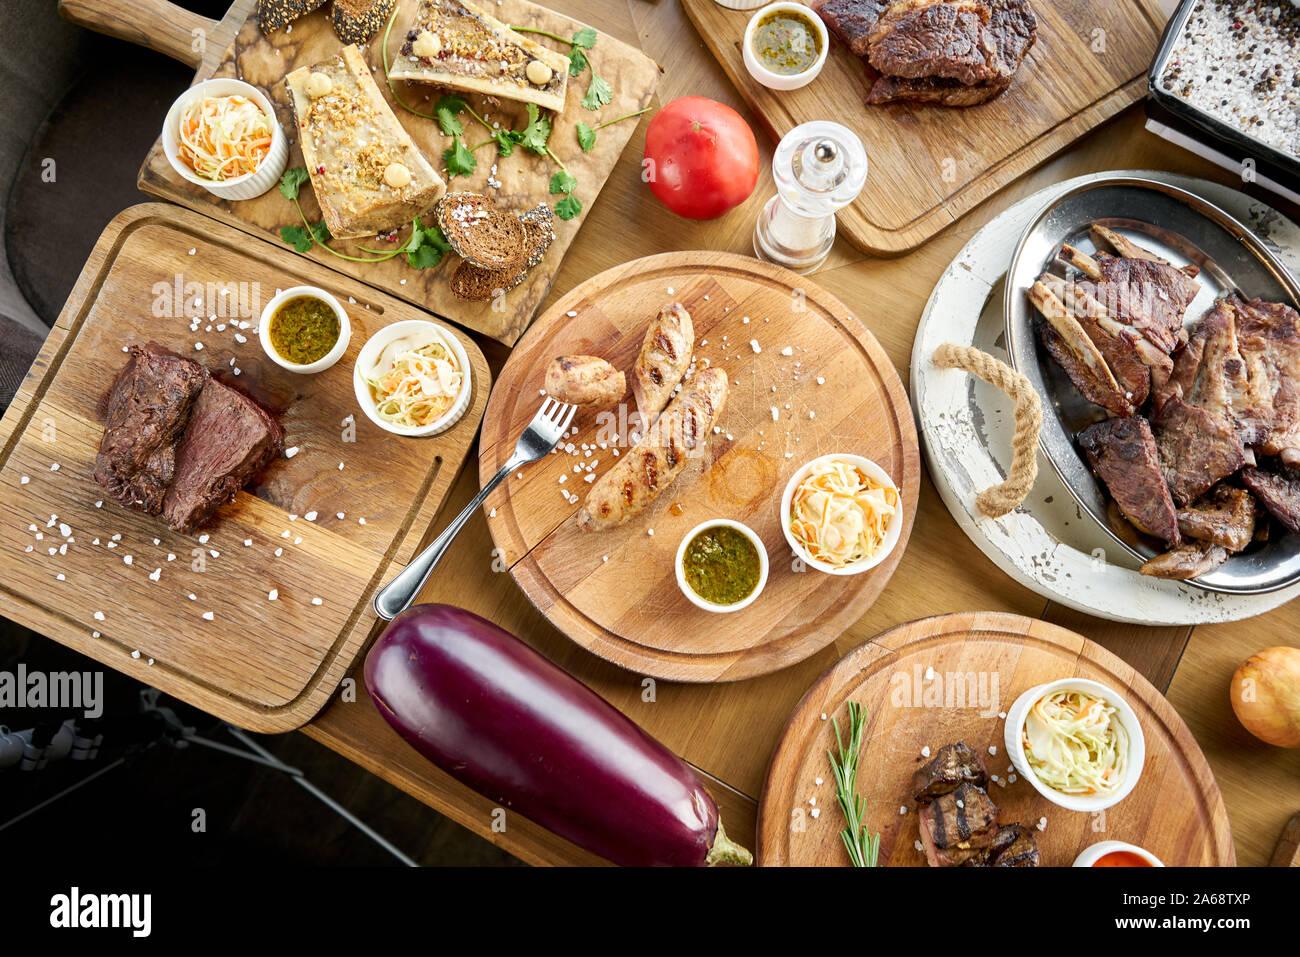 El menú del restaurante barbacoa. Muchos de los diferentes grupos de alimentos en la mesa. Cena fiesta o banquete. Vista superior Foto de stock